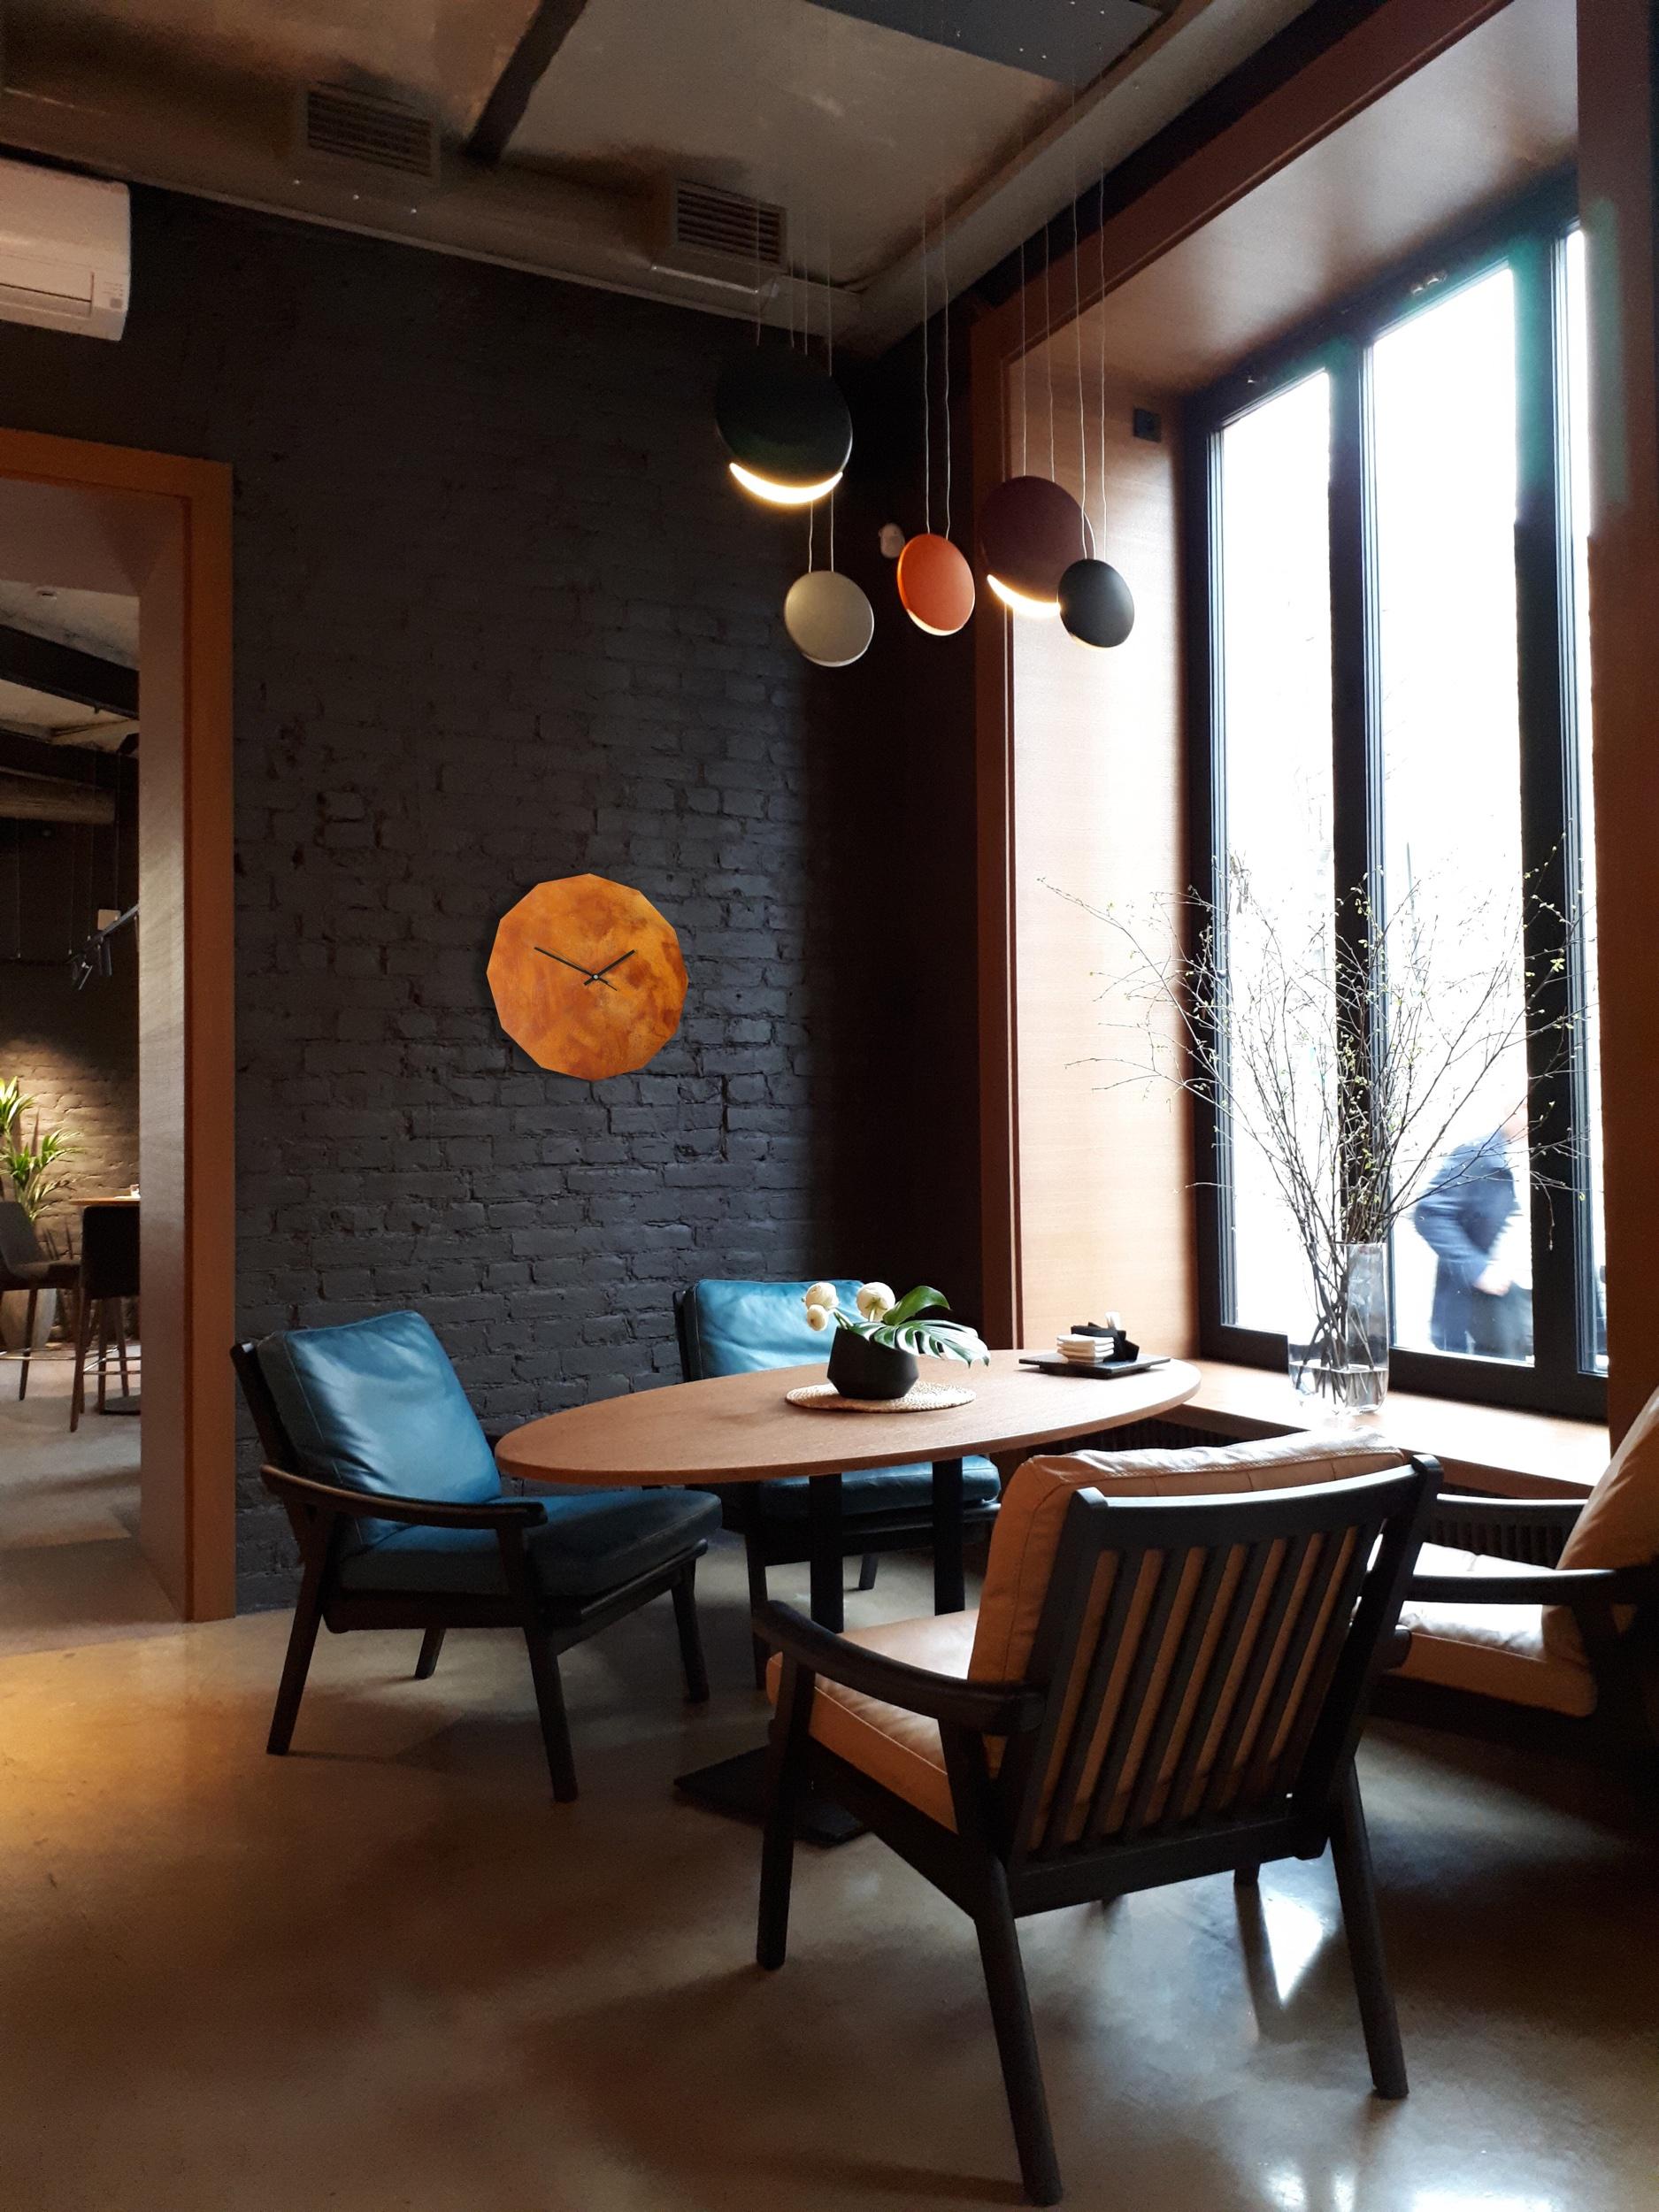 Rusted 12 Eck Uhr Cafe dunkel.jpeg